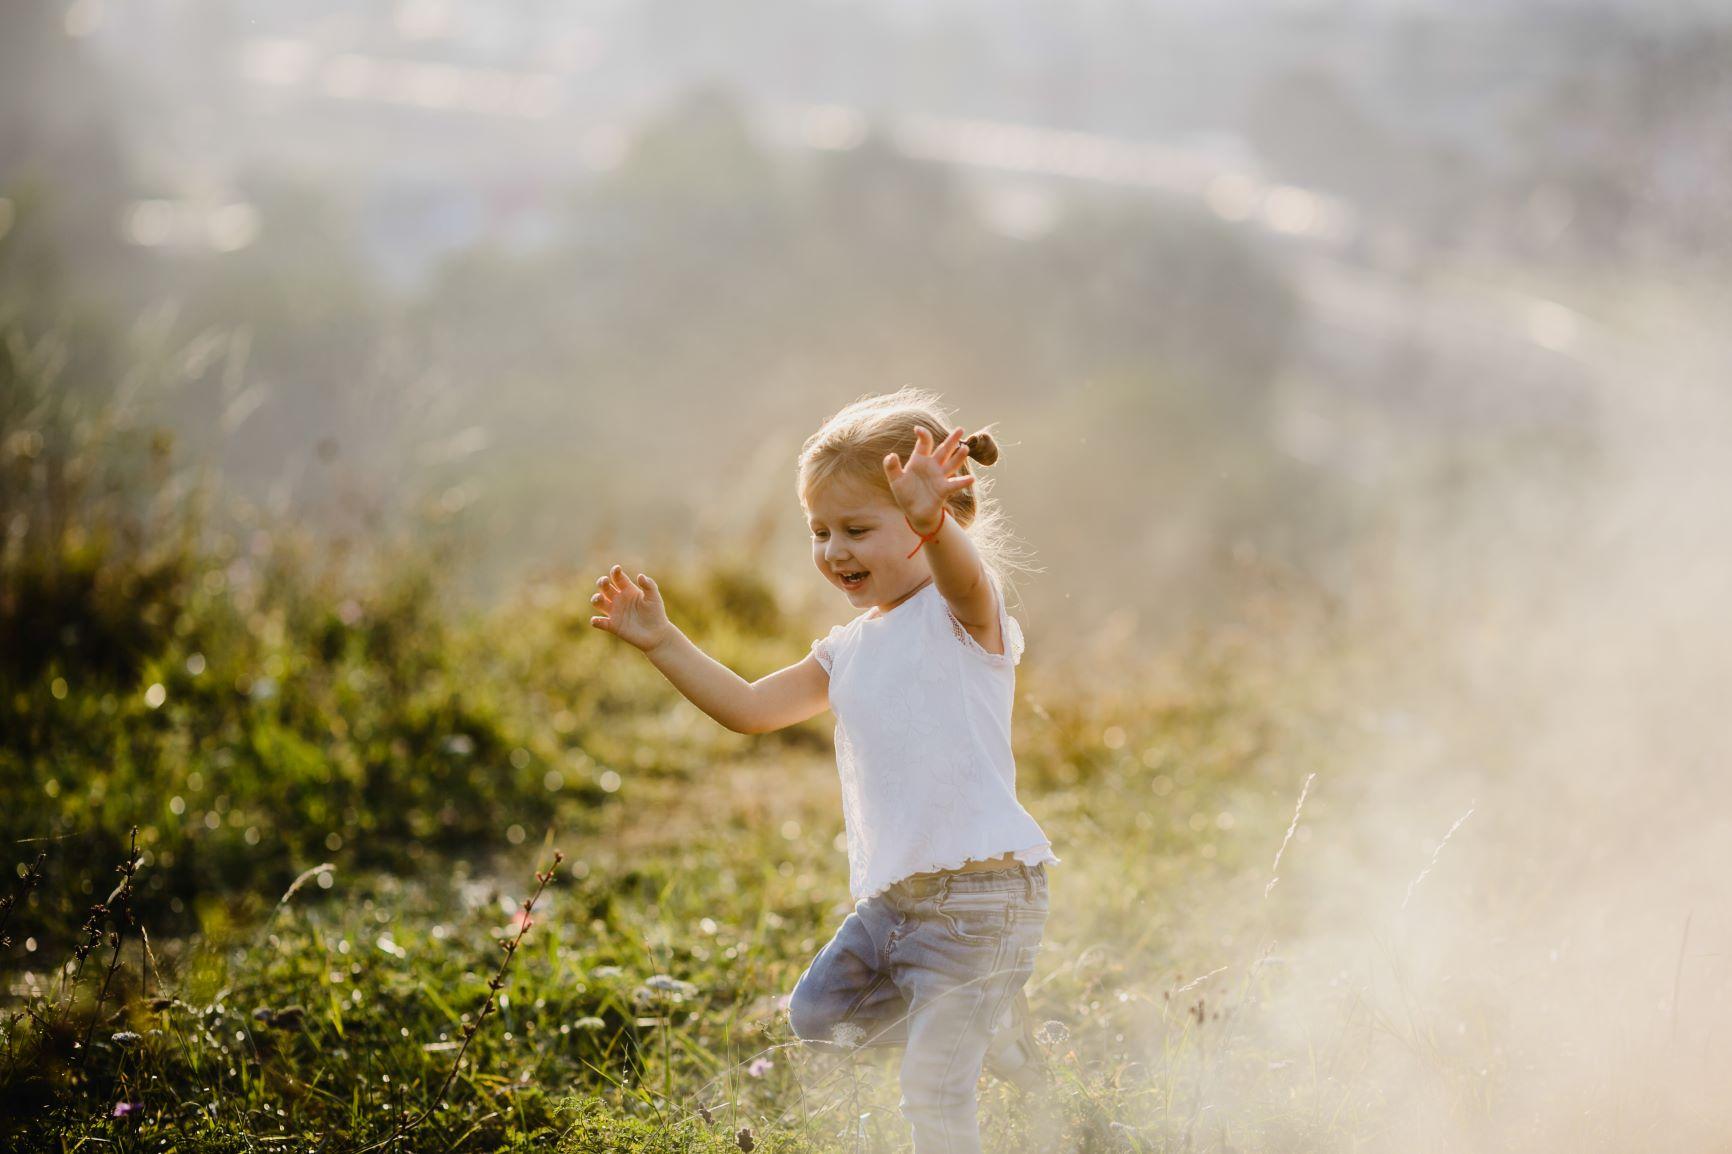 niña pequeña con imaginación jugando en el campo